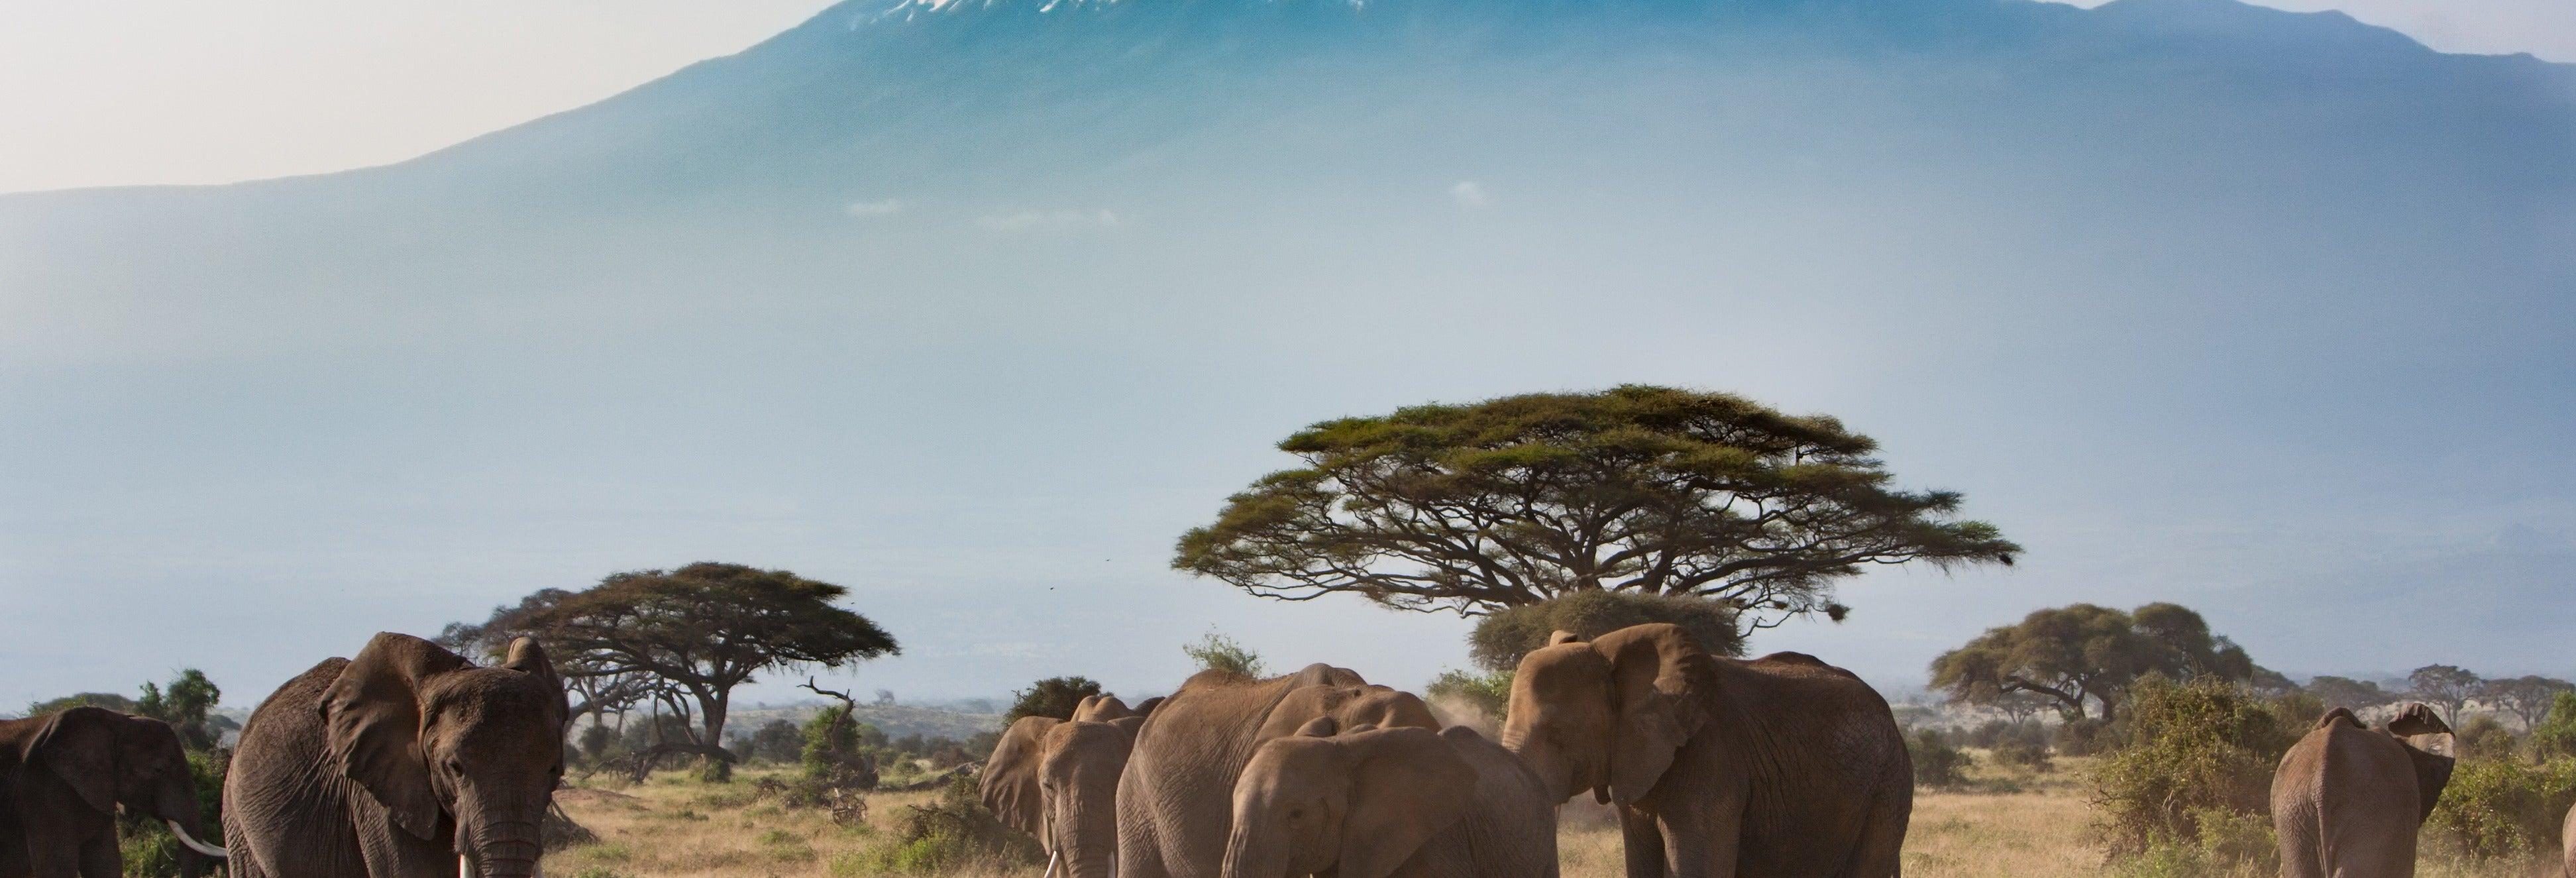 Safári de 2 dias pelo Parque Nacional de Amboseli